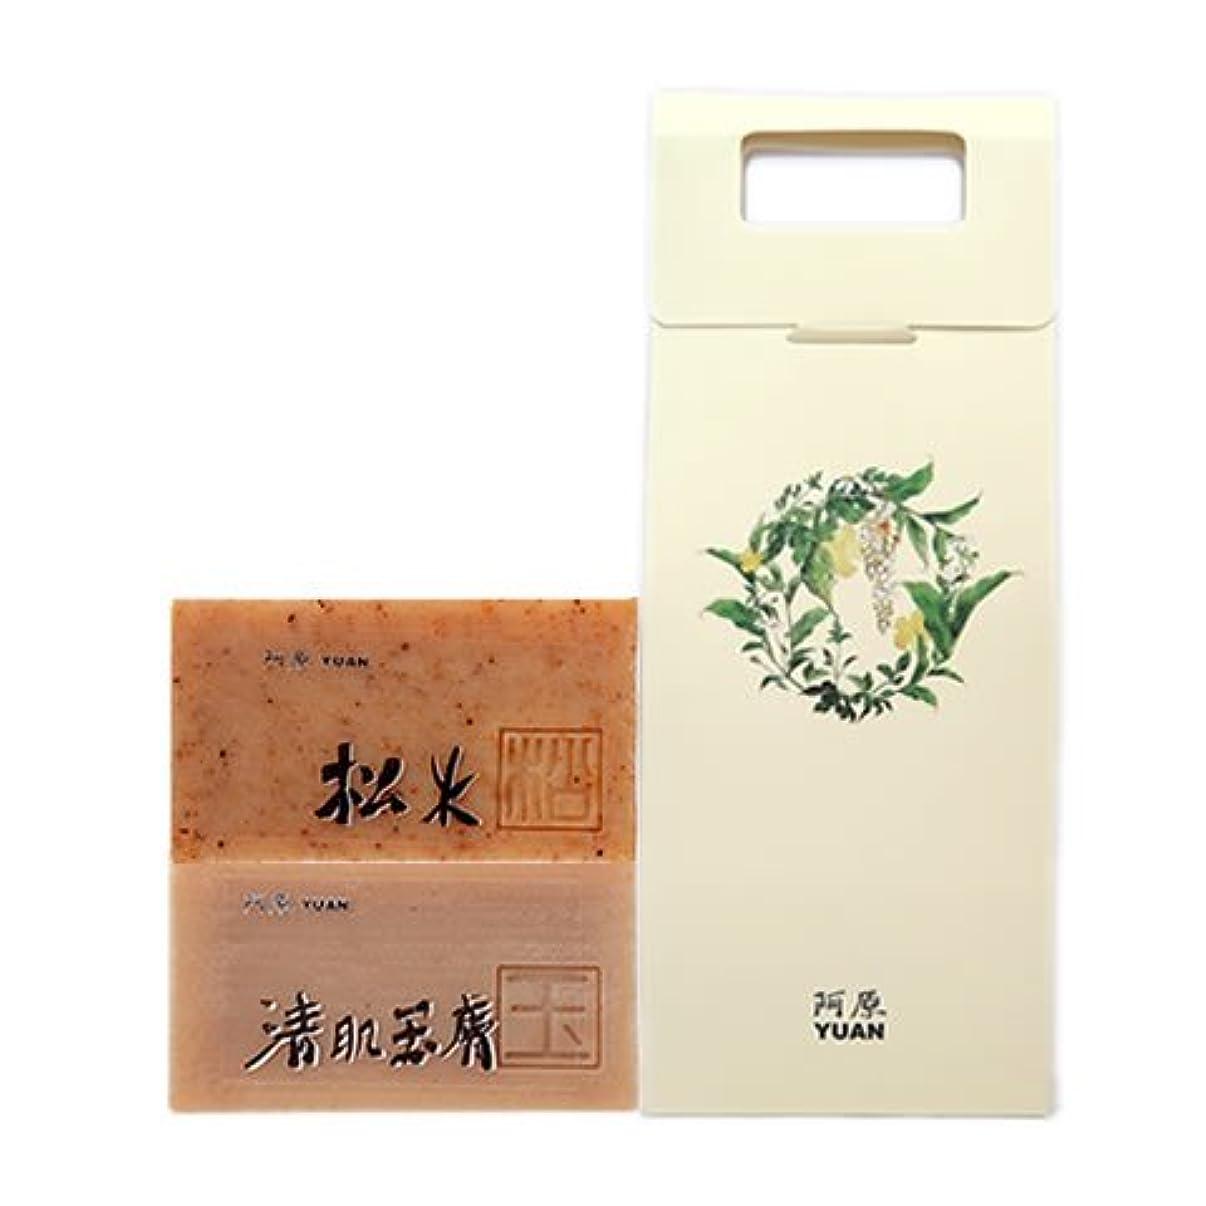 蜂ベルベット作りますユアン(YUAN) リラックスセット 松木、清玉ソープ各100g 【ユアンオリジナル袋付き】(阿原 石けん 台湾コスメ)